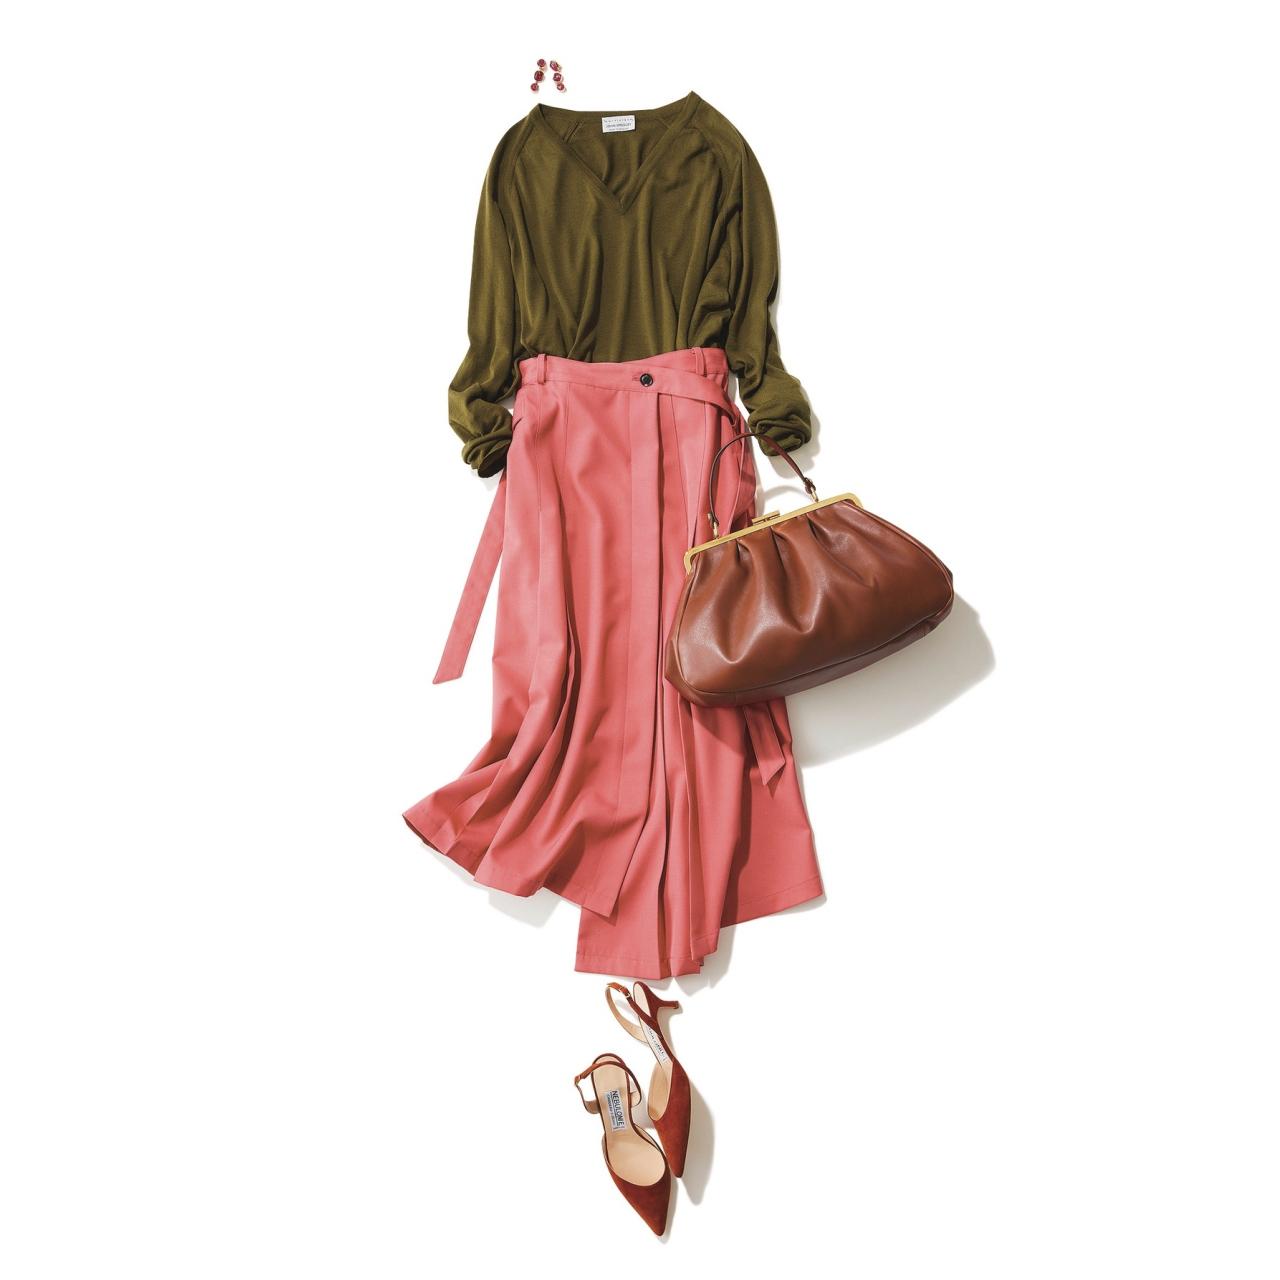 カーキニット×ピンクスカートのファッションコーデ